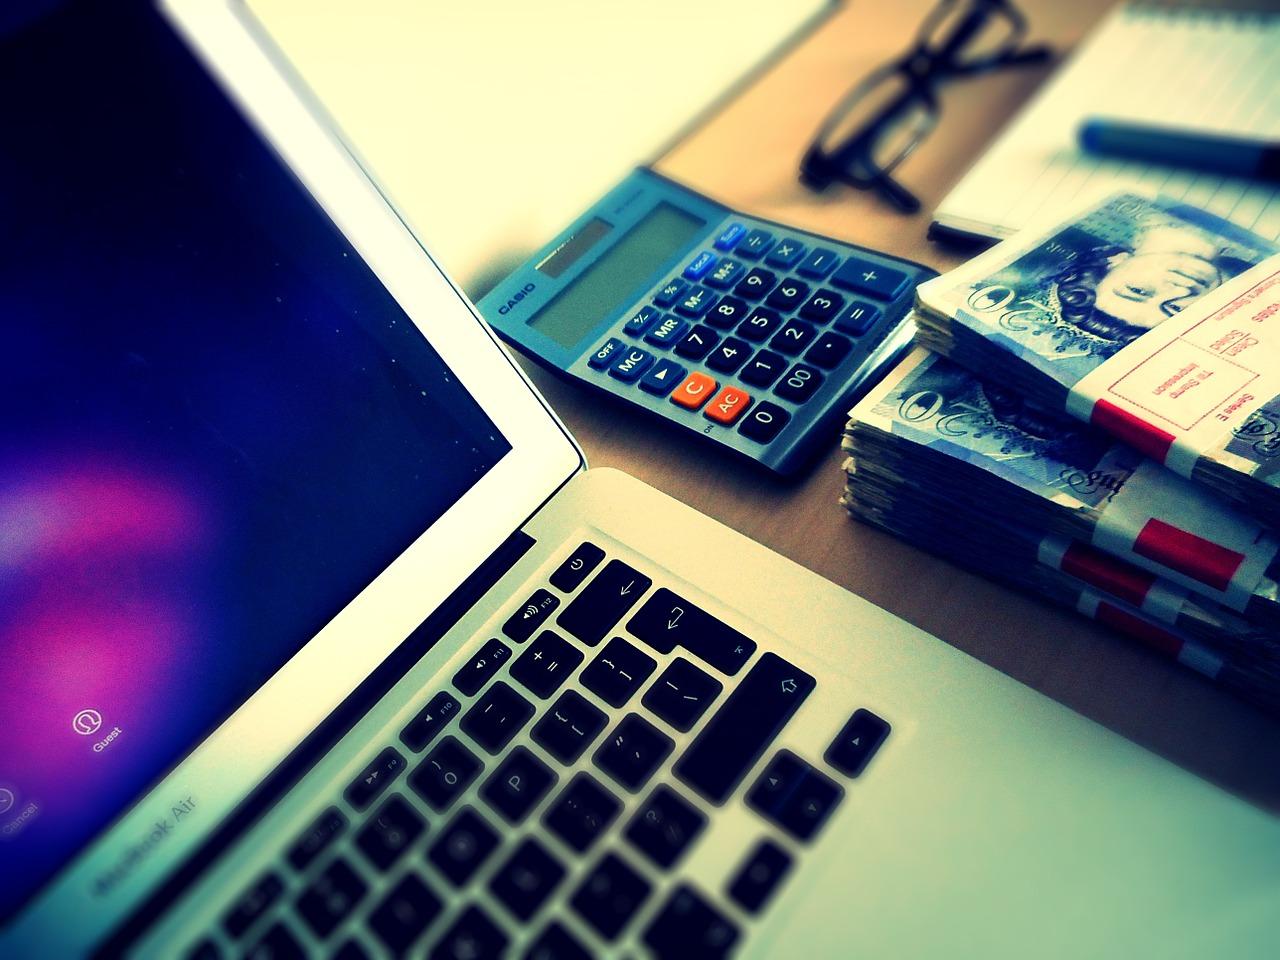 Les meilleurs sites pour gagner de l'argent : notre sélection